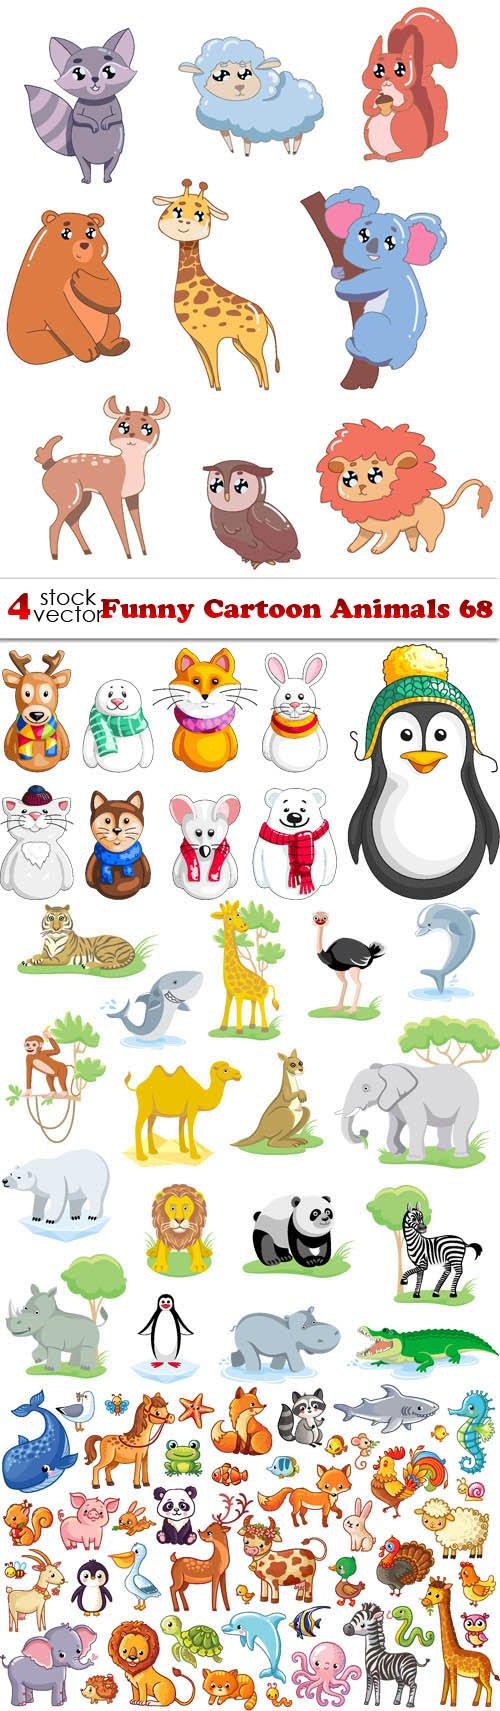 Vectors - Funny Cartoon Animals 68